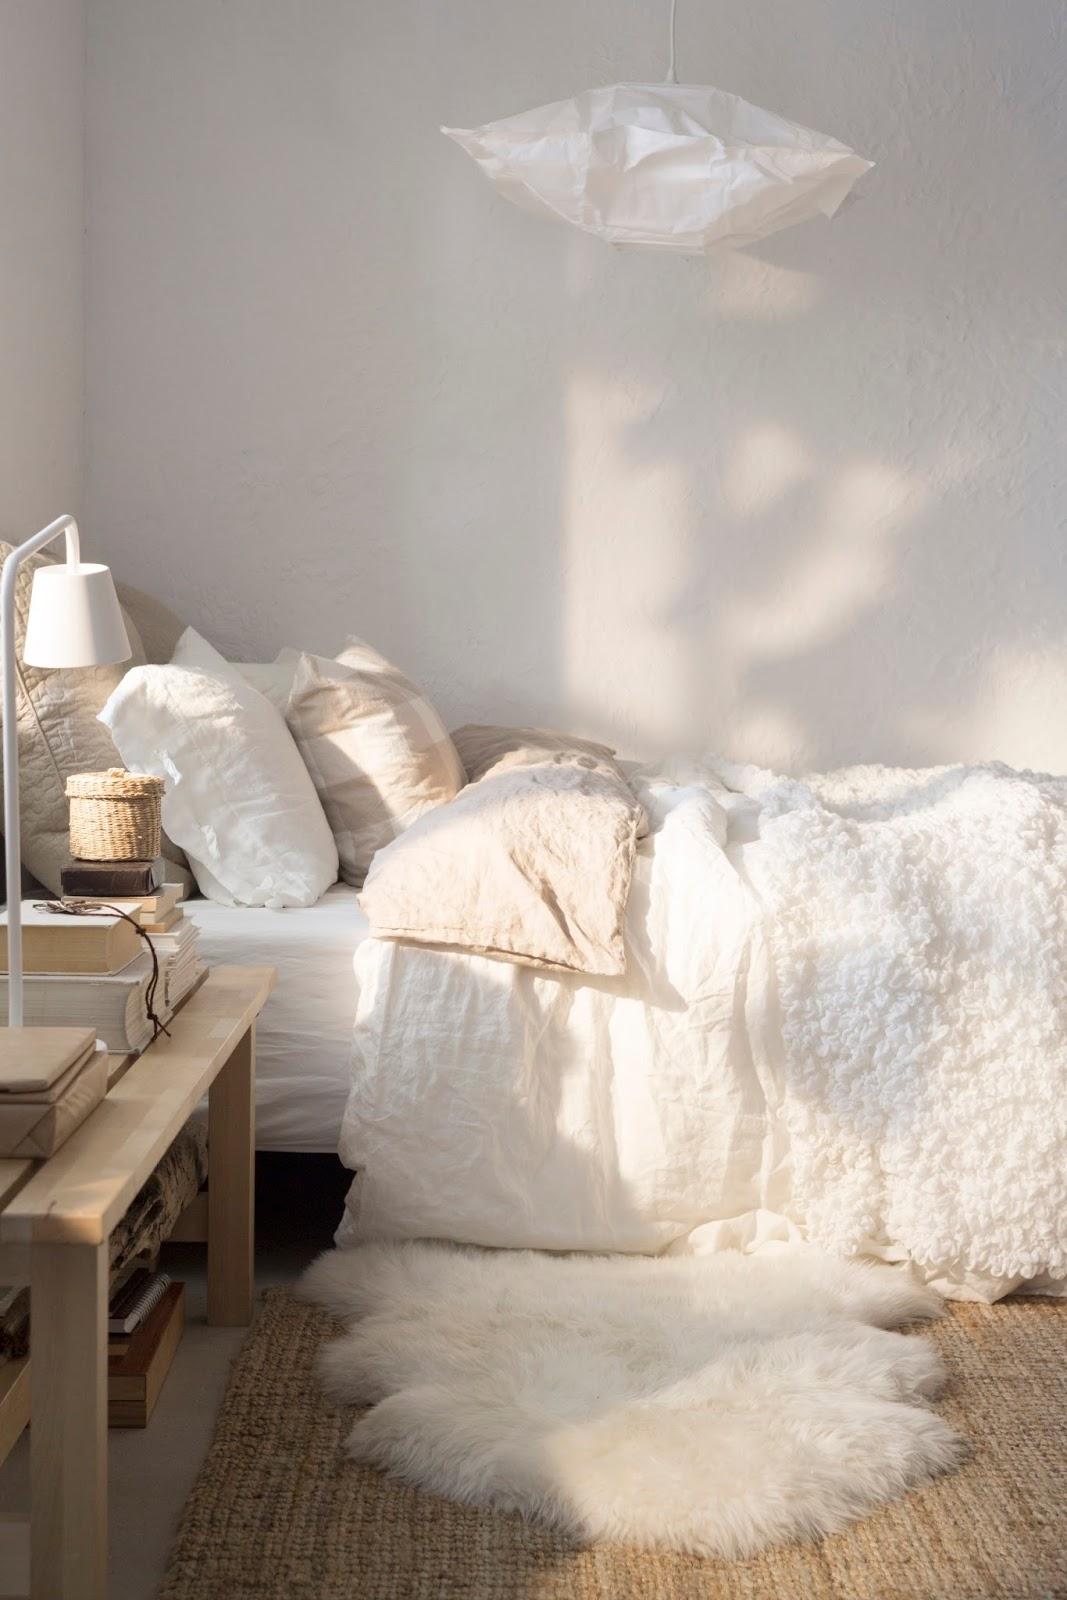 Noix de cocoon: Sélection déco #2 : une chambre cosy